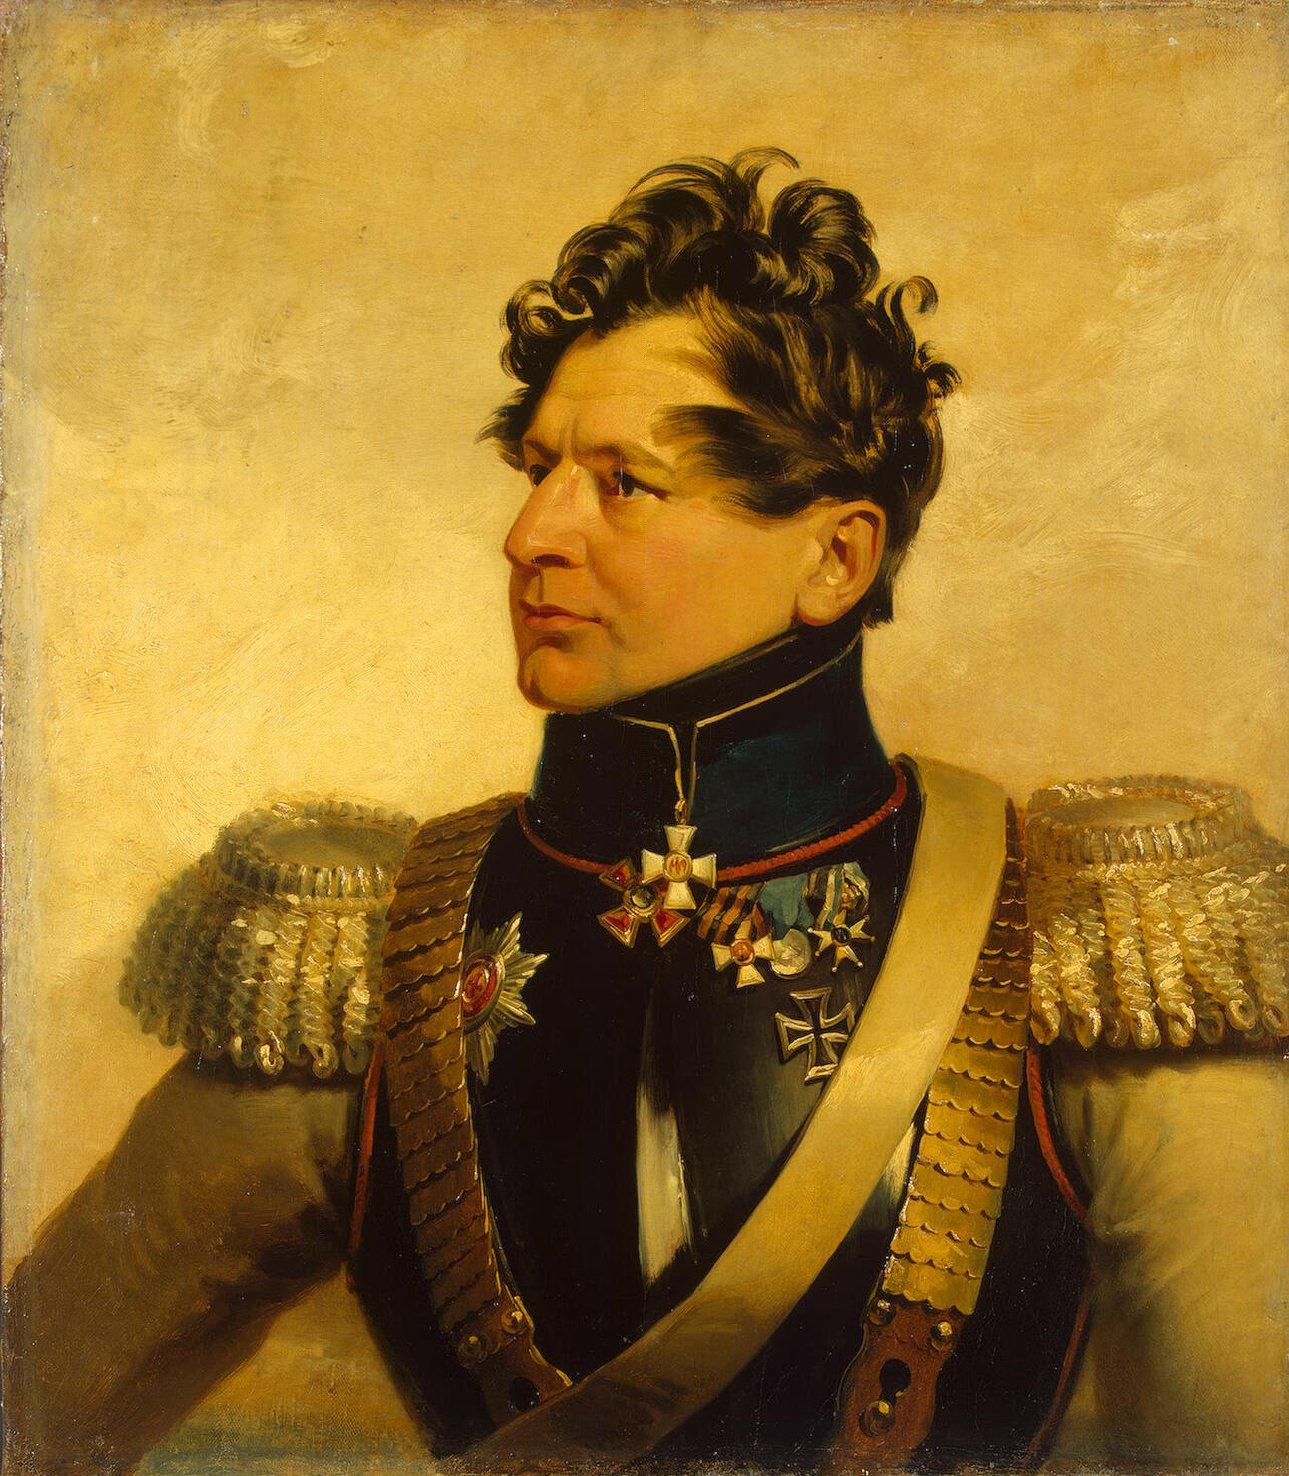 Леонтьев, Иван Сергеевич